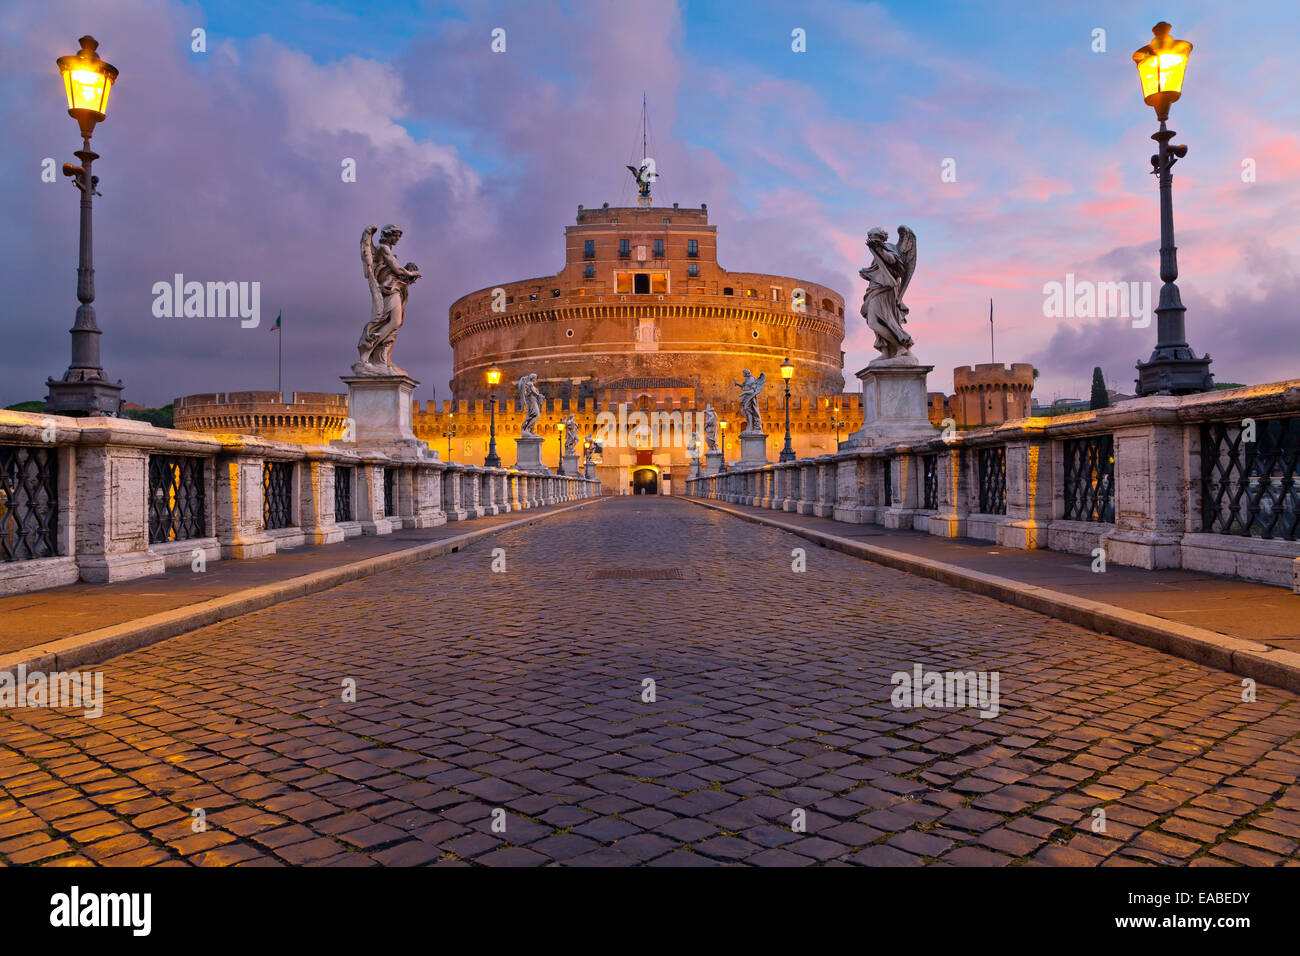 Immagine del castello di Santo Angelo e di Santo Angelo ponte sopra il fiume Tevere a Roma presso sunrise. Immagini Stock